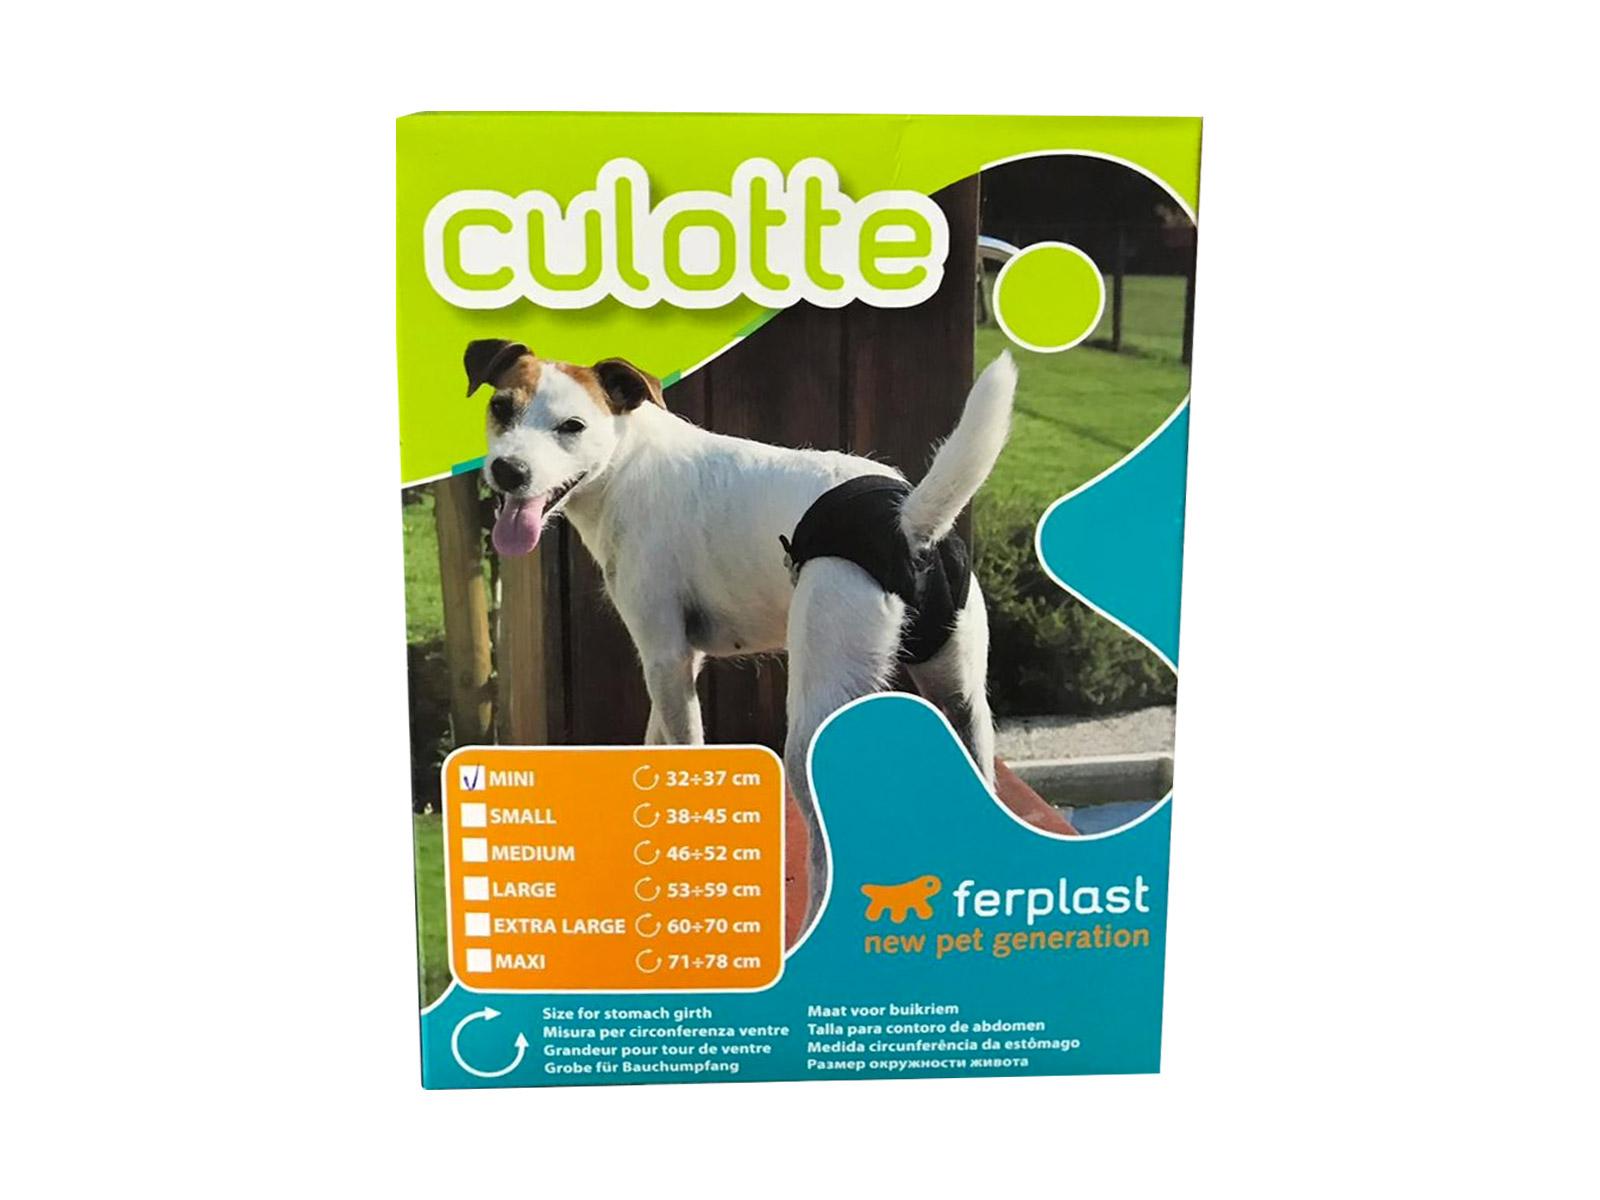 culotte.jpg